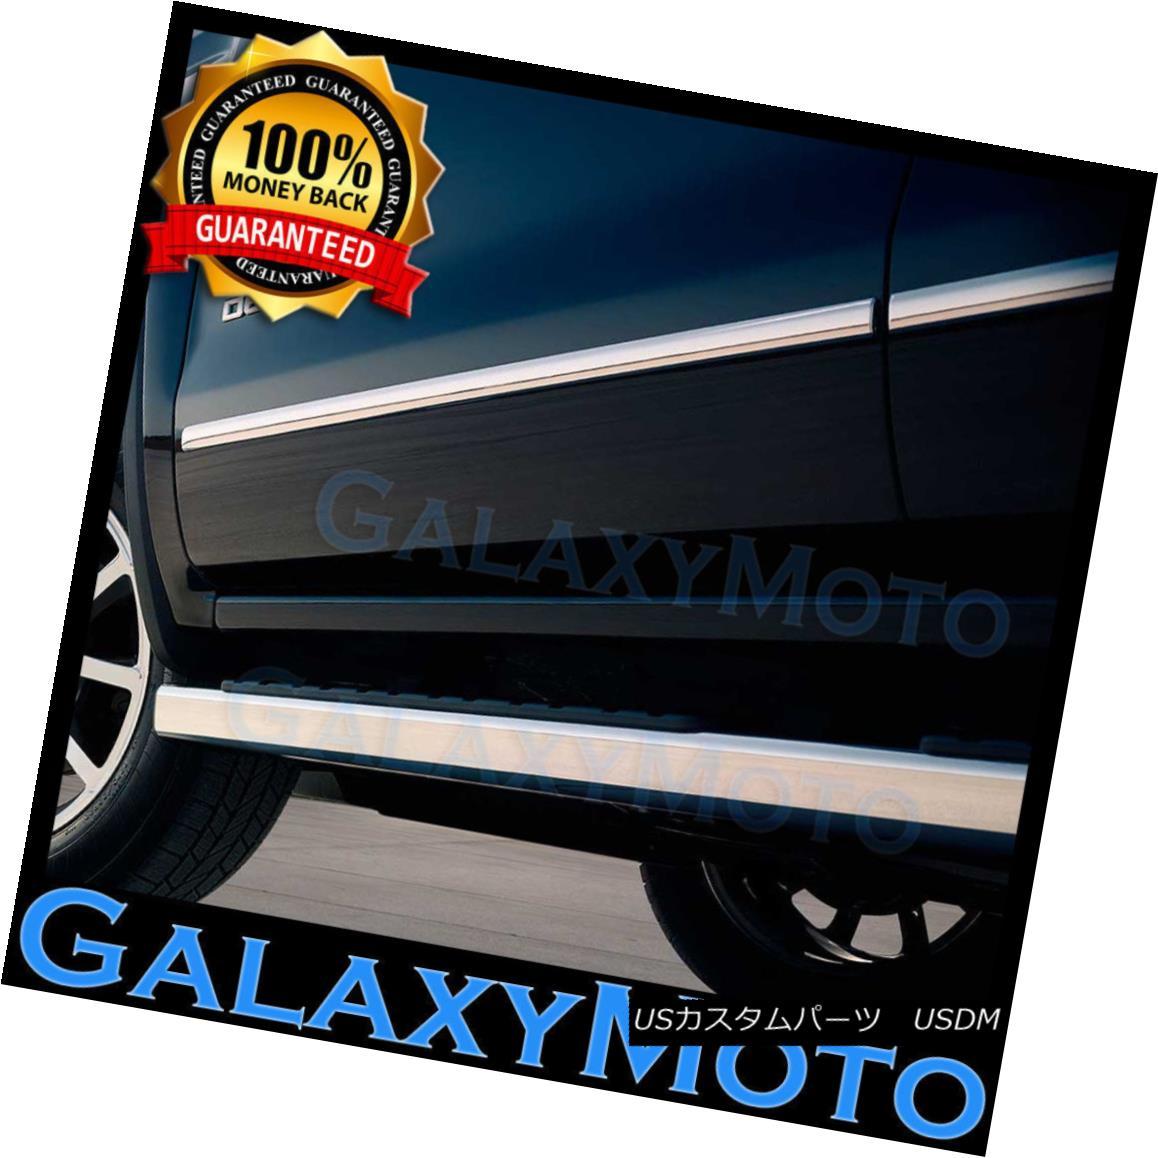 グリル 14-16 Chevy Silverado Extended Cab 4 Door Chrome Body Side Molding Front+Rear 14-16 Chevy Silverado拡張キャブ4ドアクロームボディサイドモールディングフロント+リア